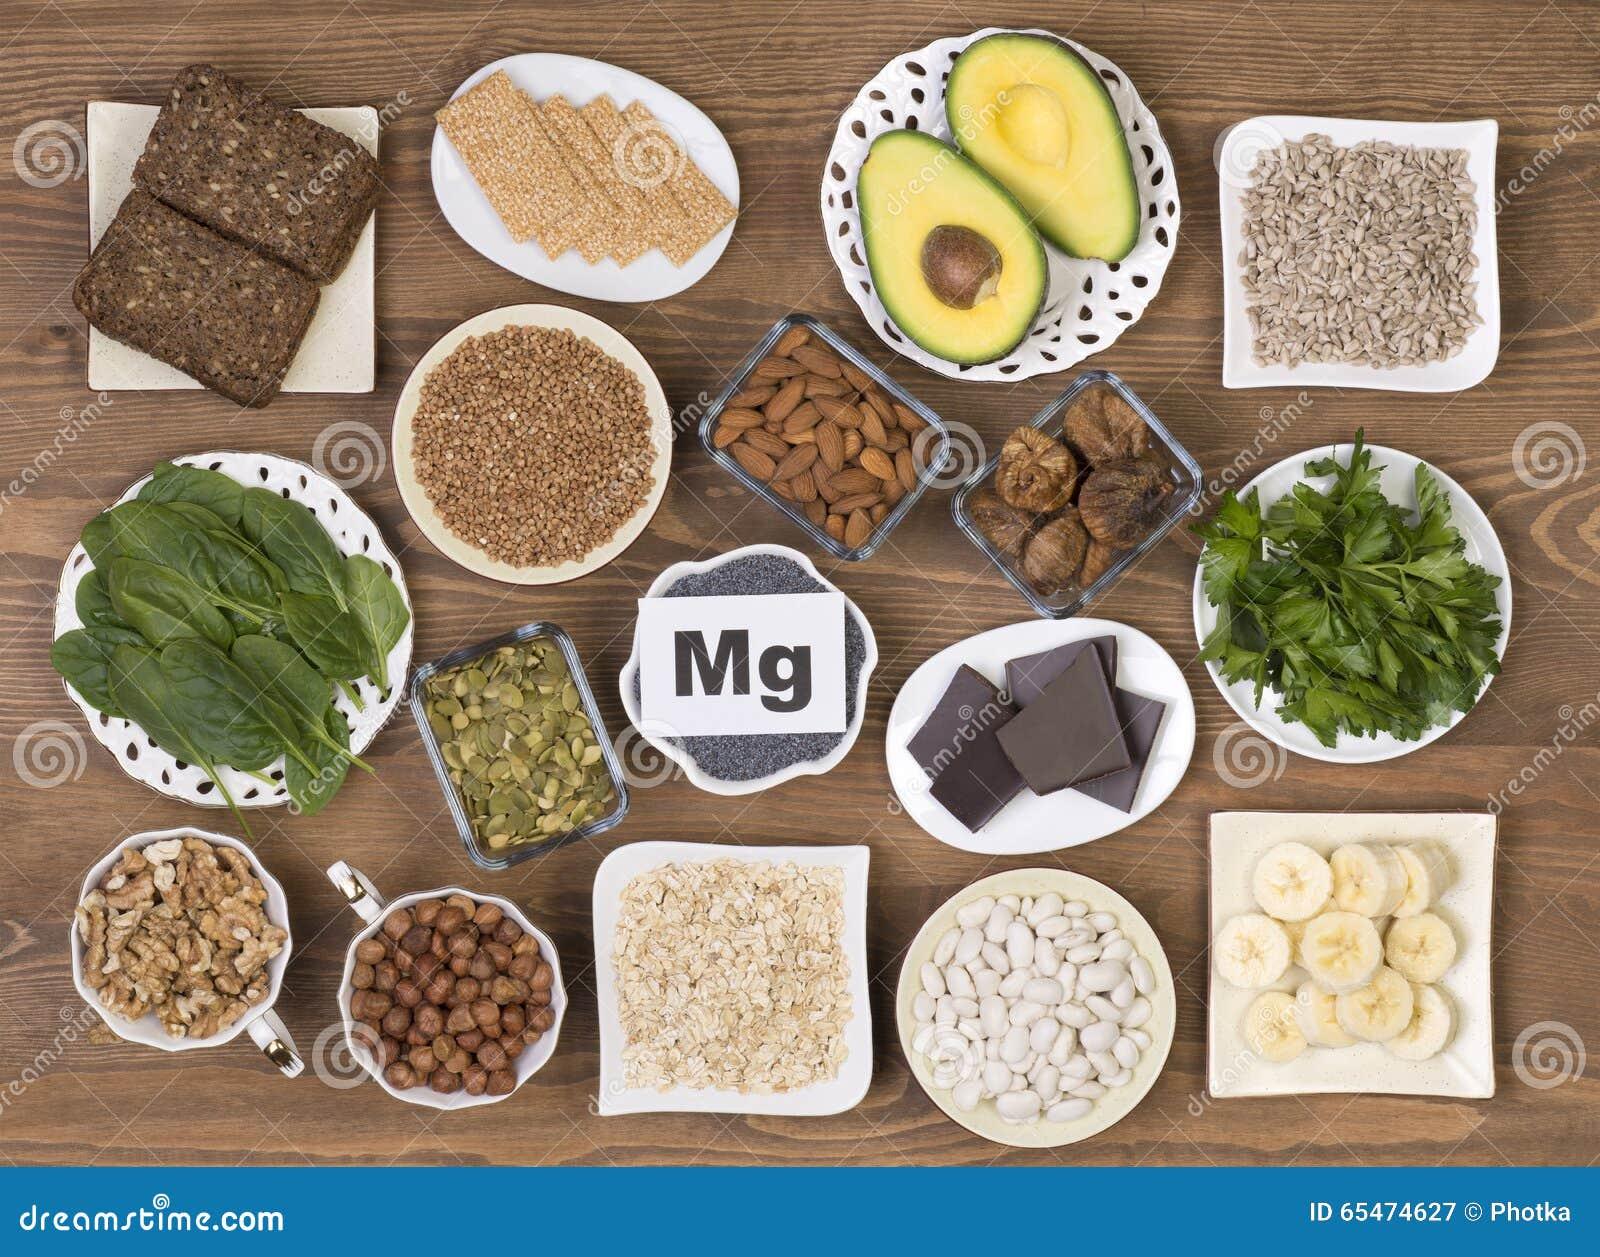 Fuentes de la comida de magnesio